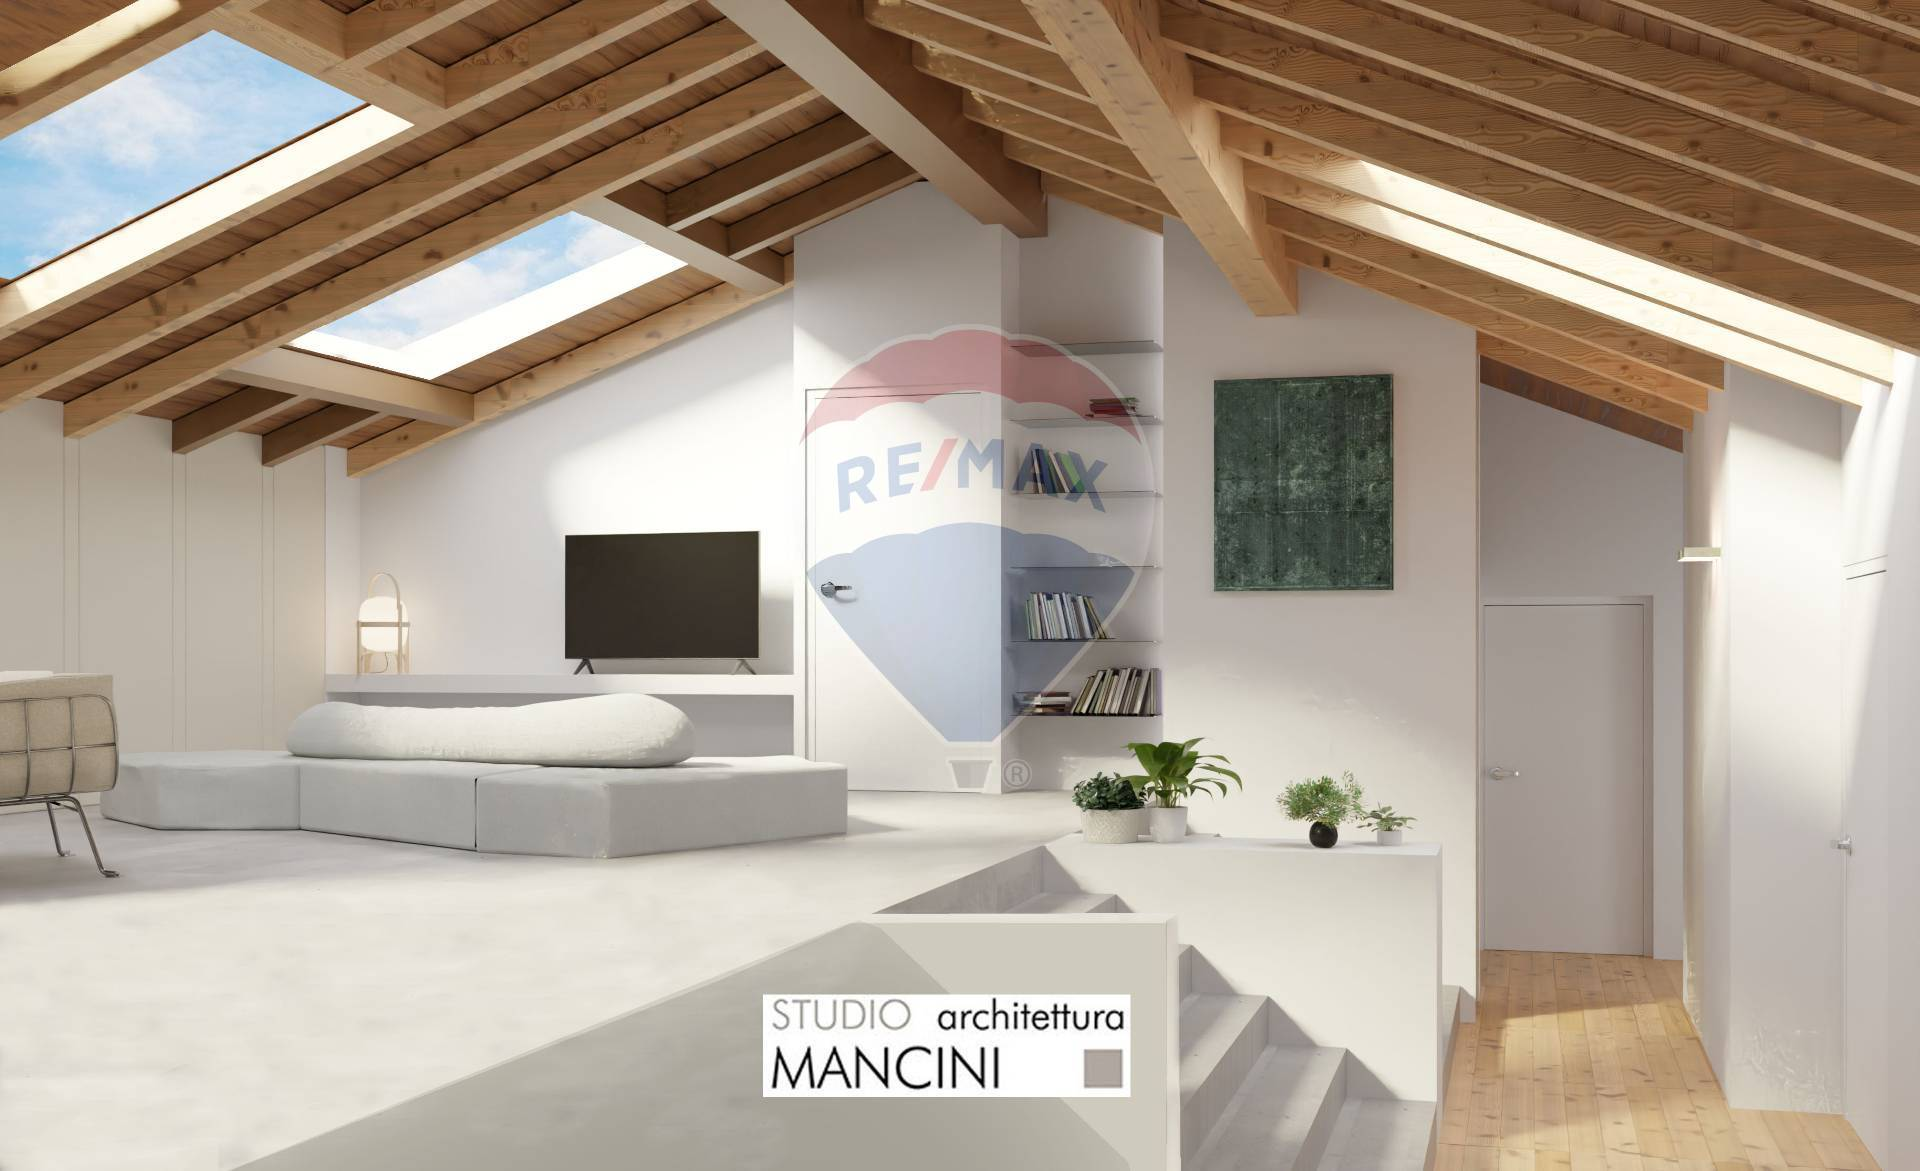 Attico / Mansarda in vendita a Piacenza, 4 locali, zona Località: Centrostorico, prezzo € 570.000 | PortaleAgenzieImmobiliari.it